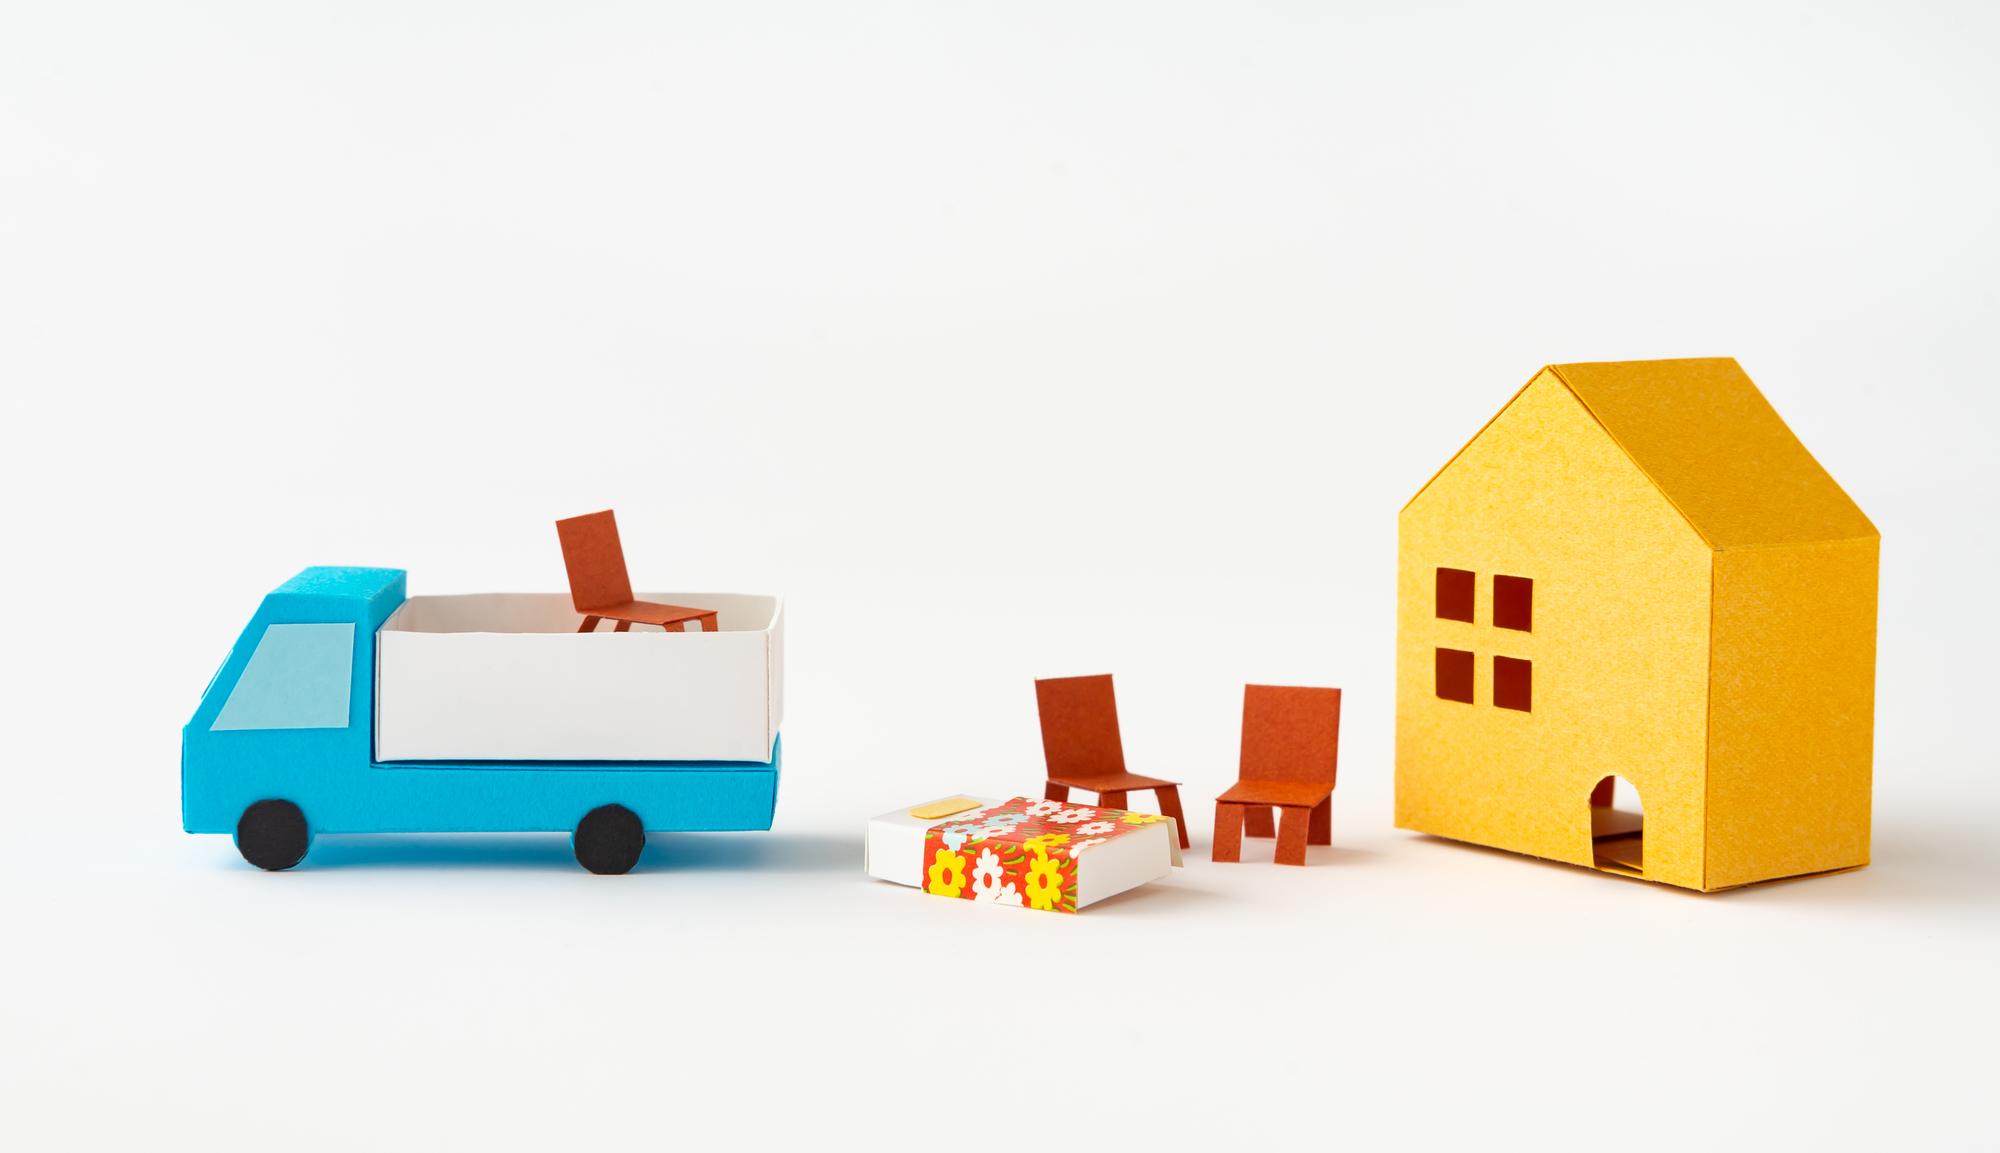 家具選びで気を付けたいポイント。間取りに合わせた選び方のコツとは?